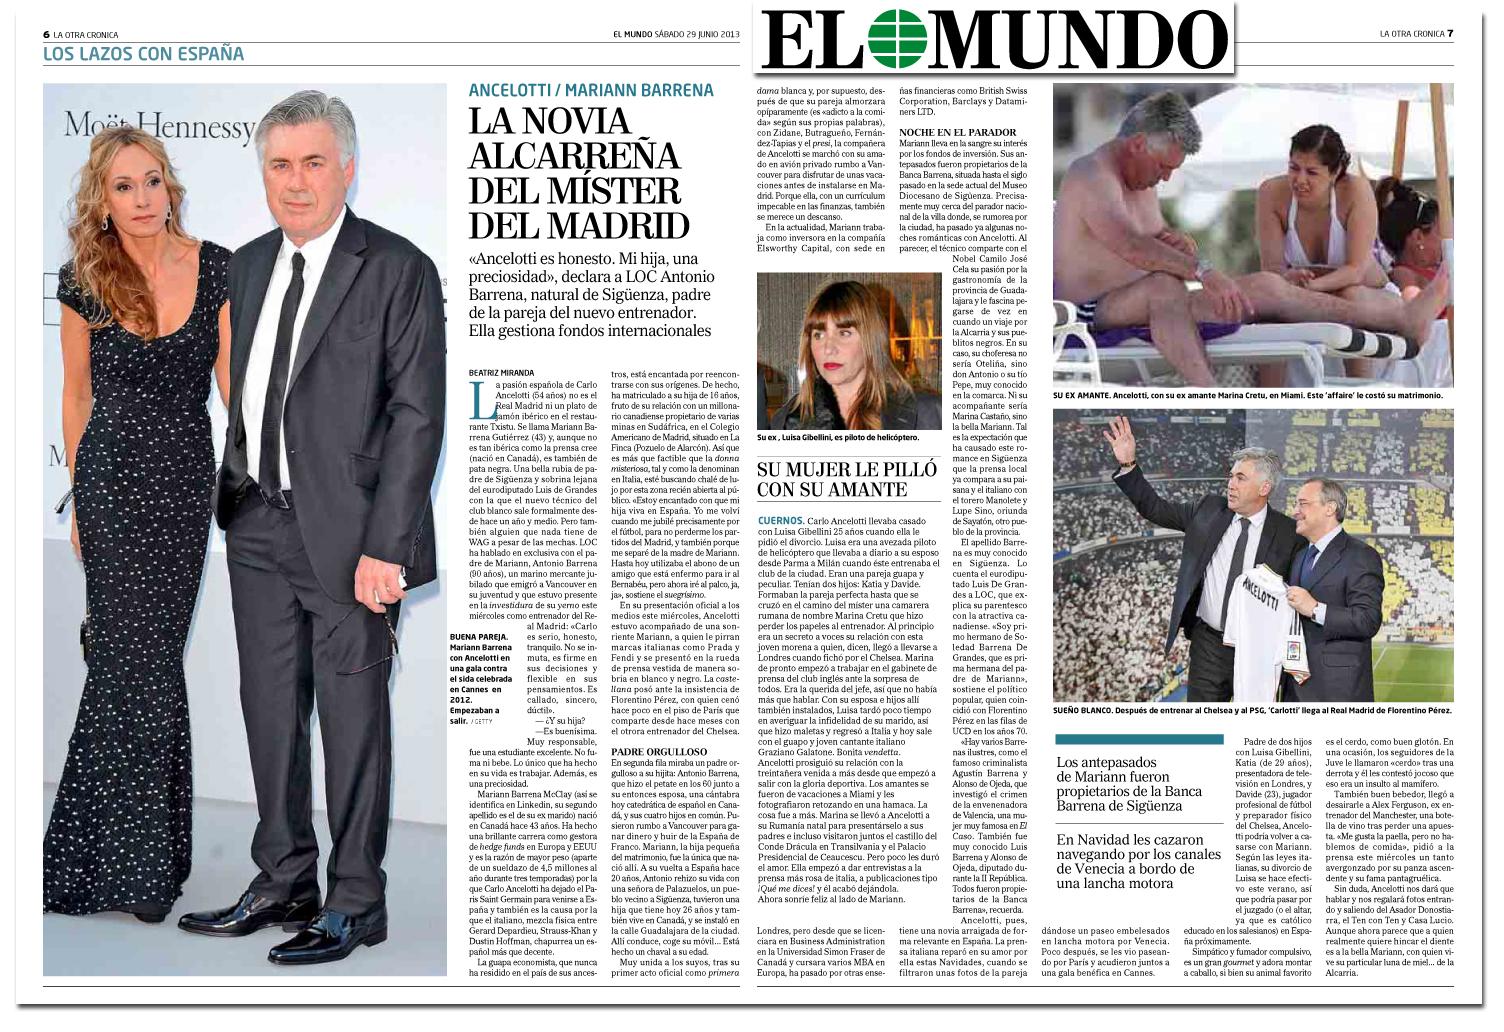 La mujer de Ancelotti en El Mundo